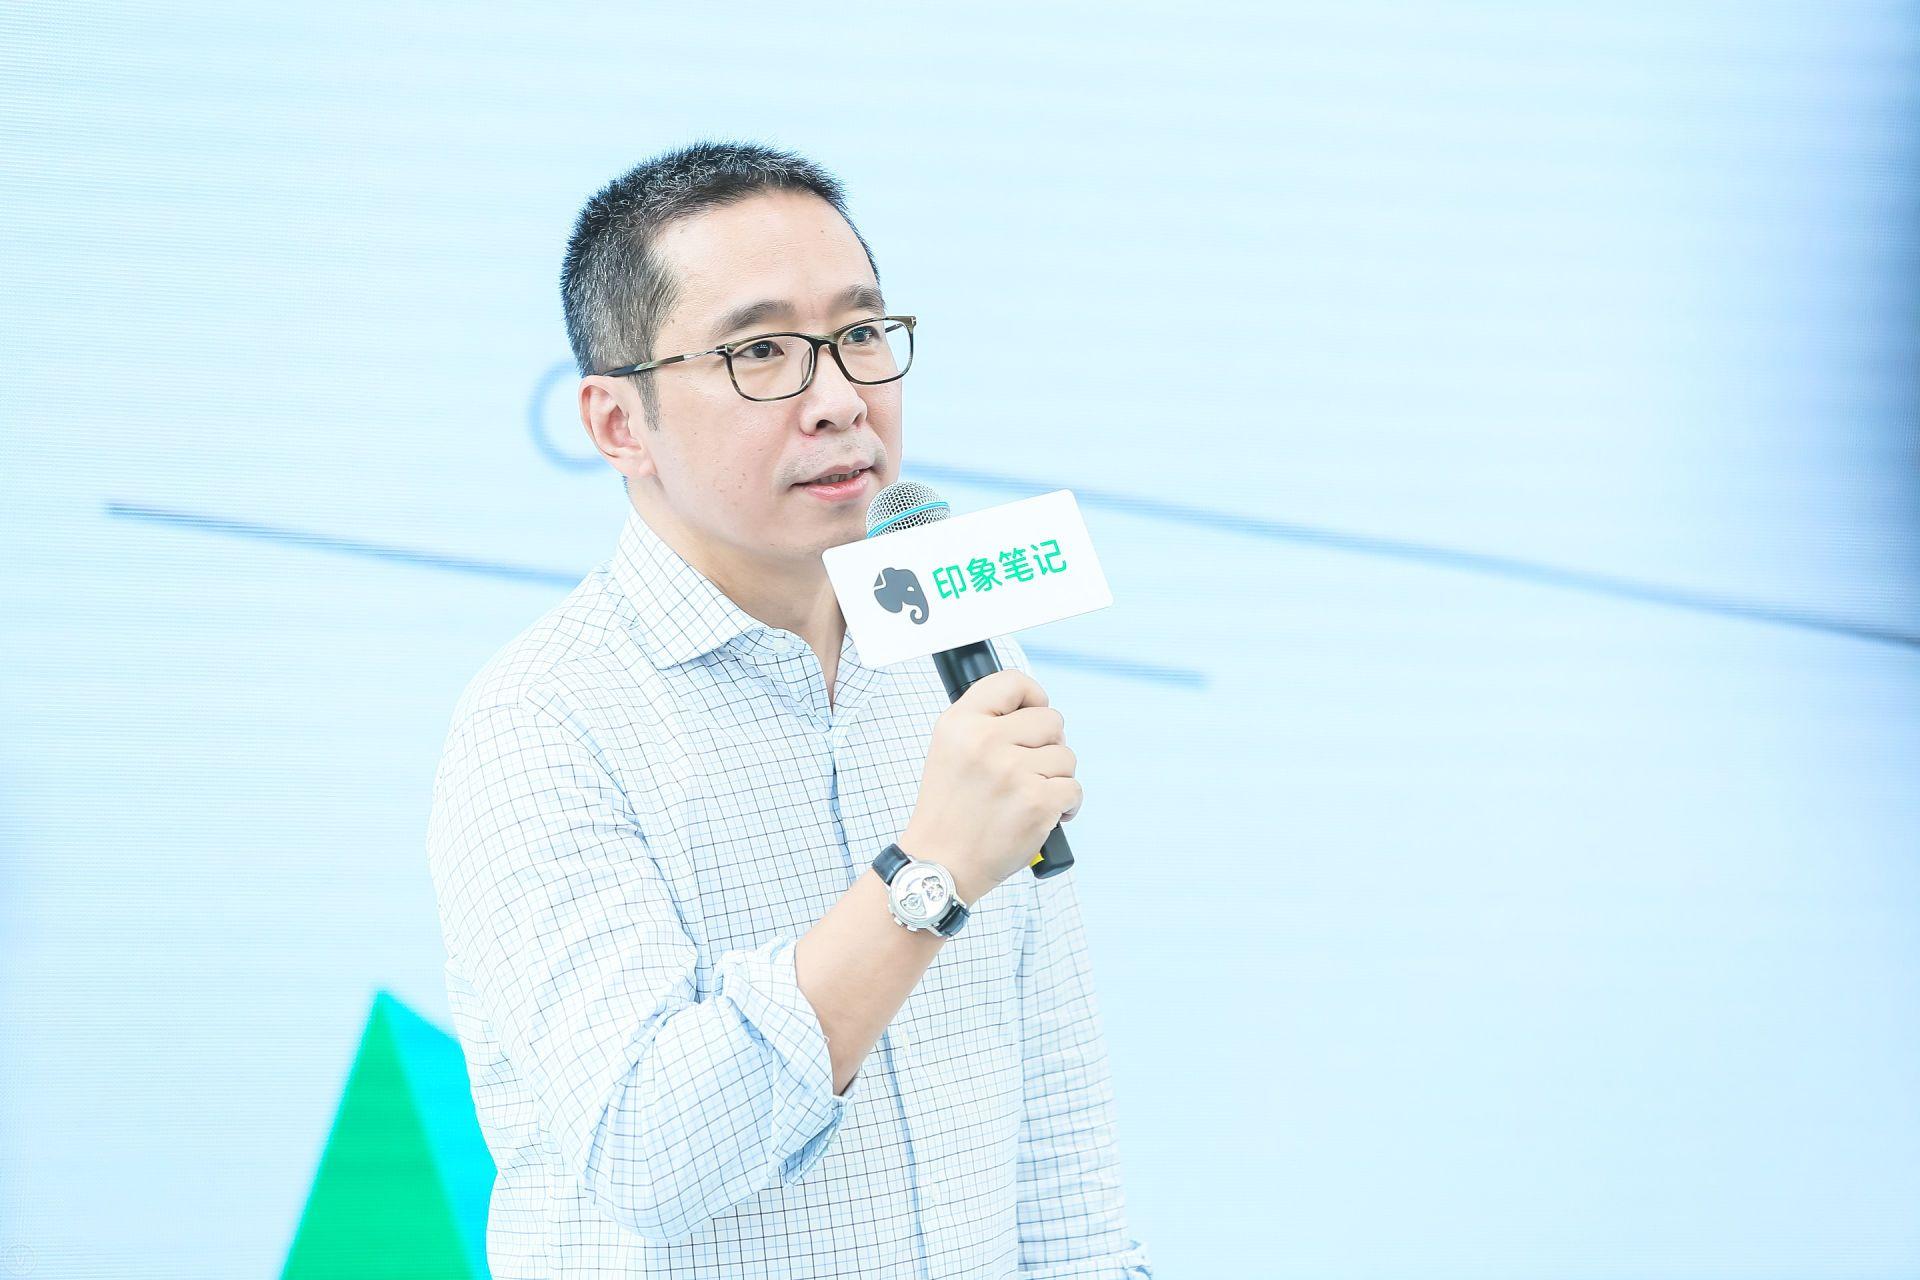 印象笔记CEO唐毅现场分享印象笔记的发展战略和进步路径